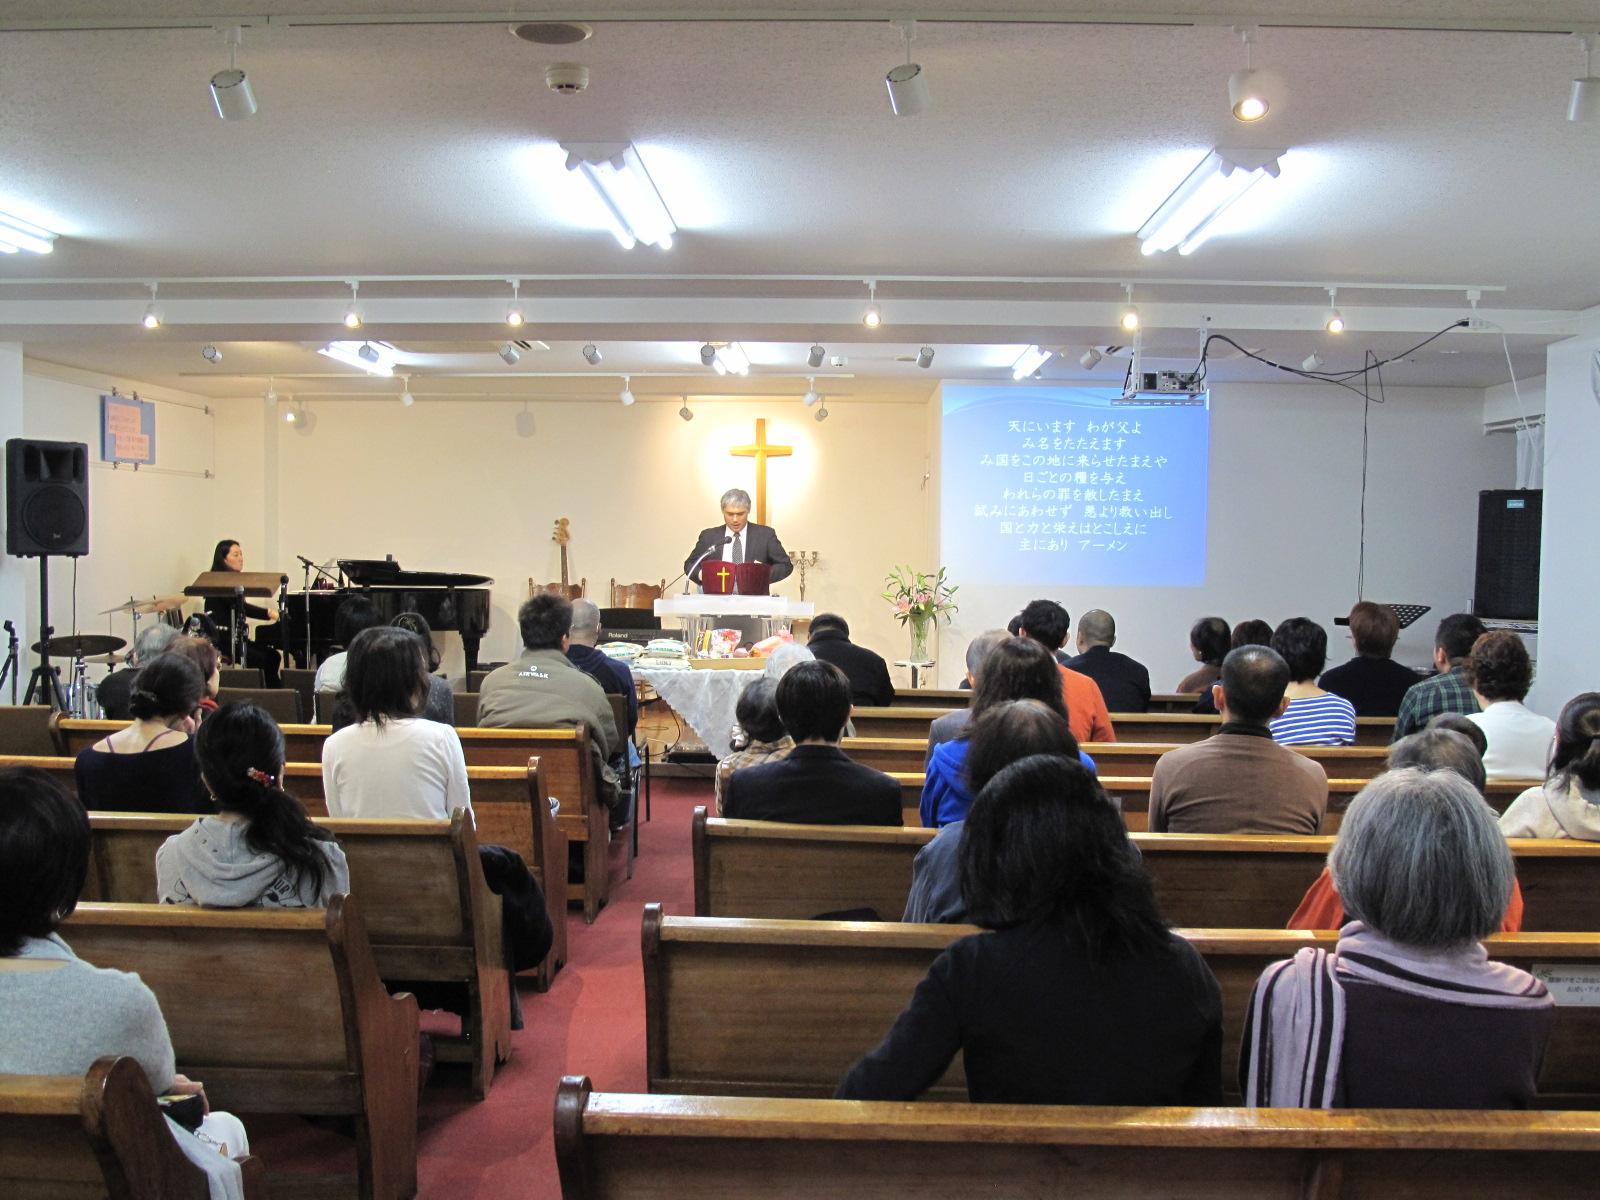 礼拝の様子のイメージ